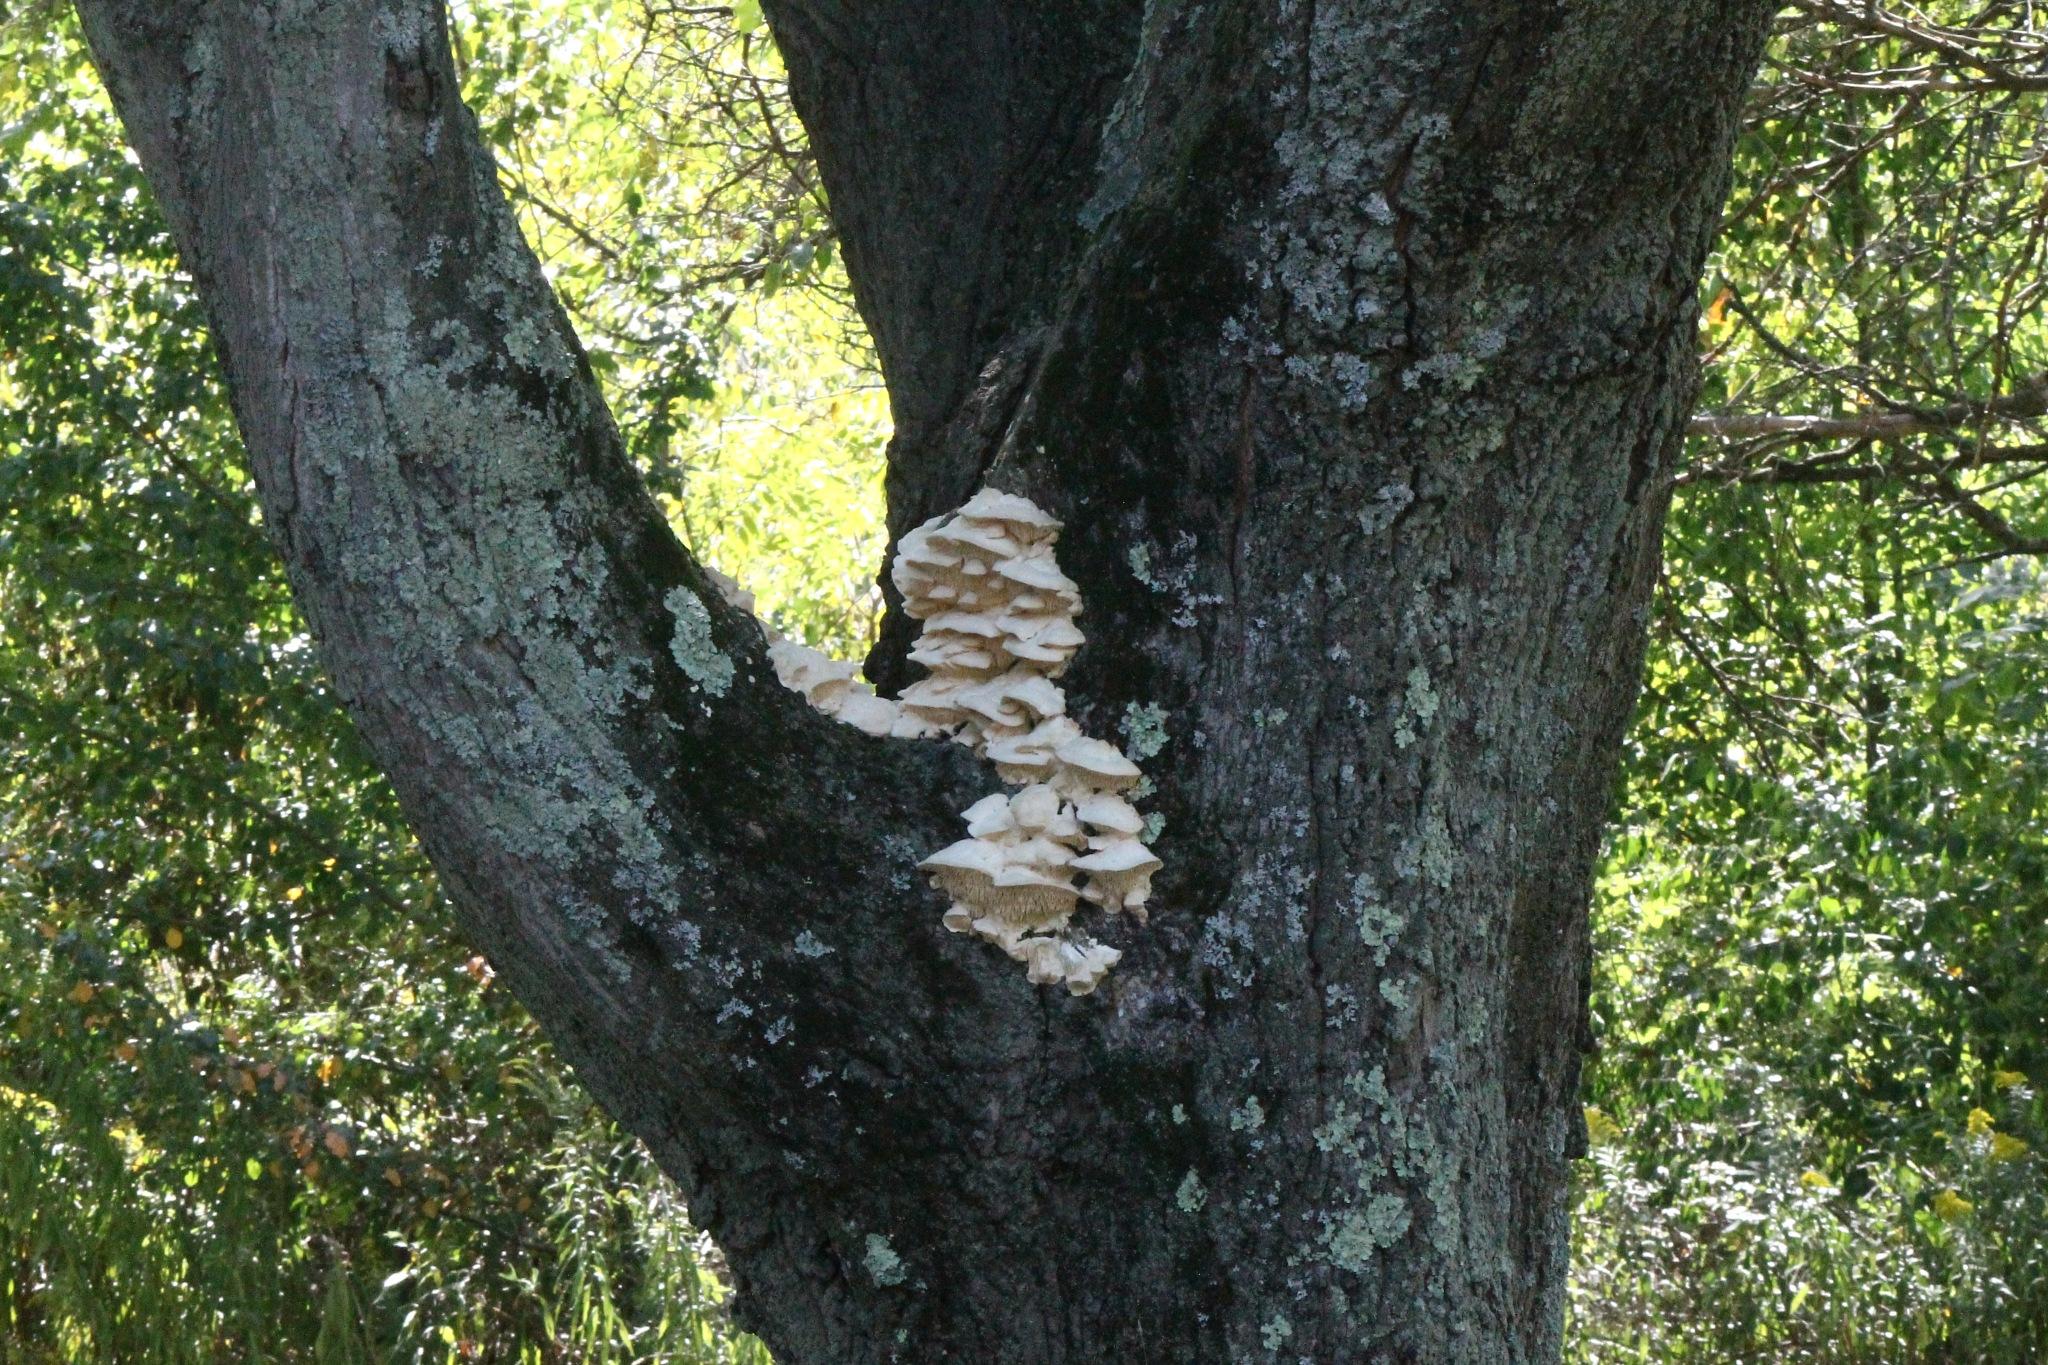 tree fungus by Jim